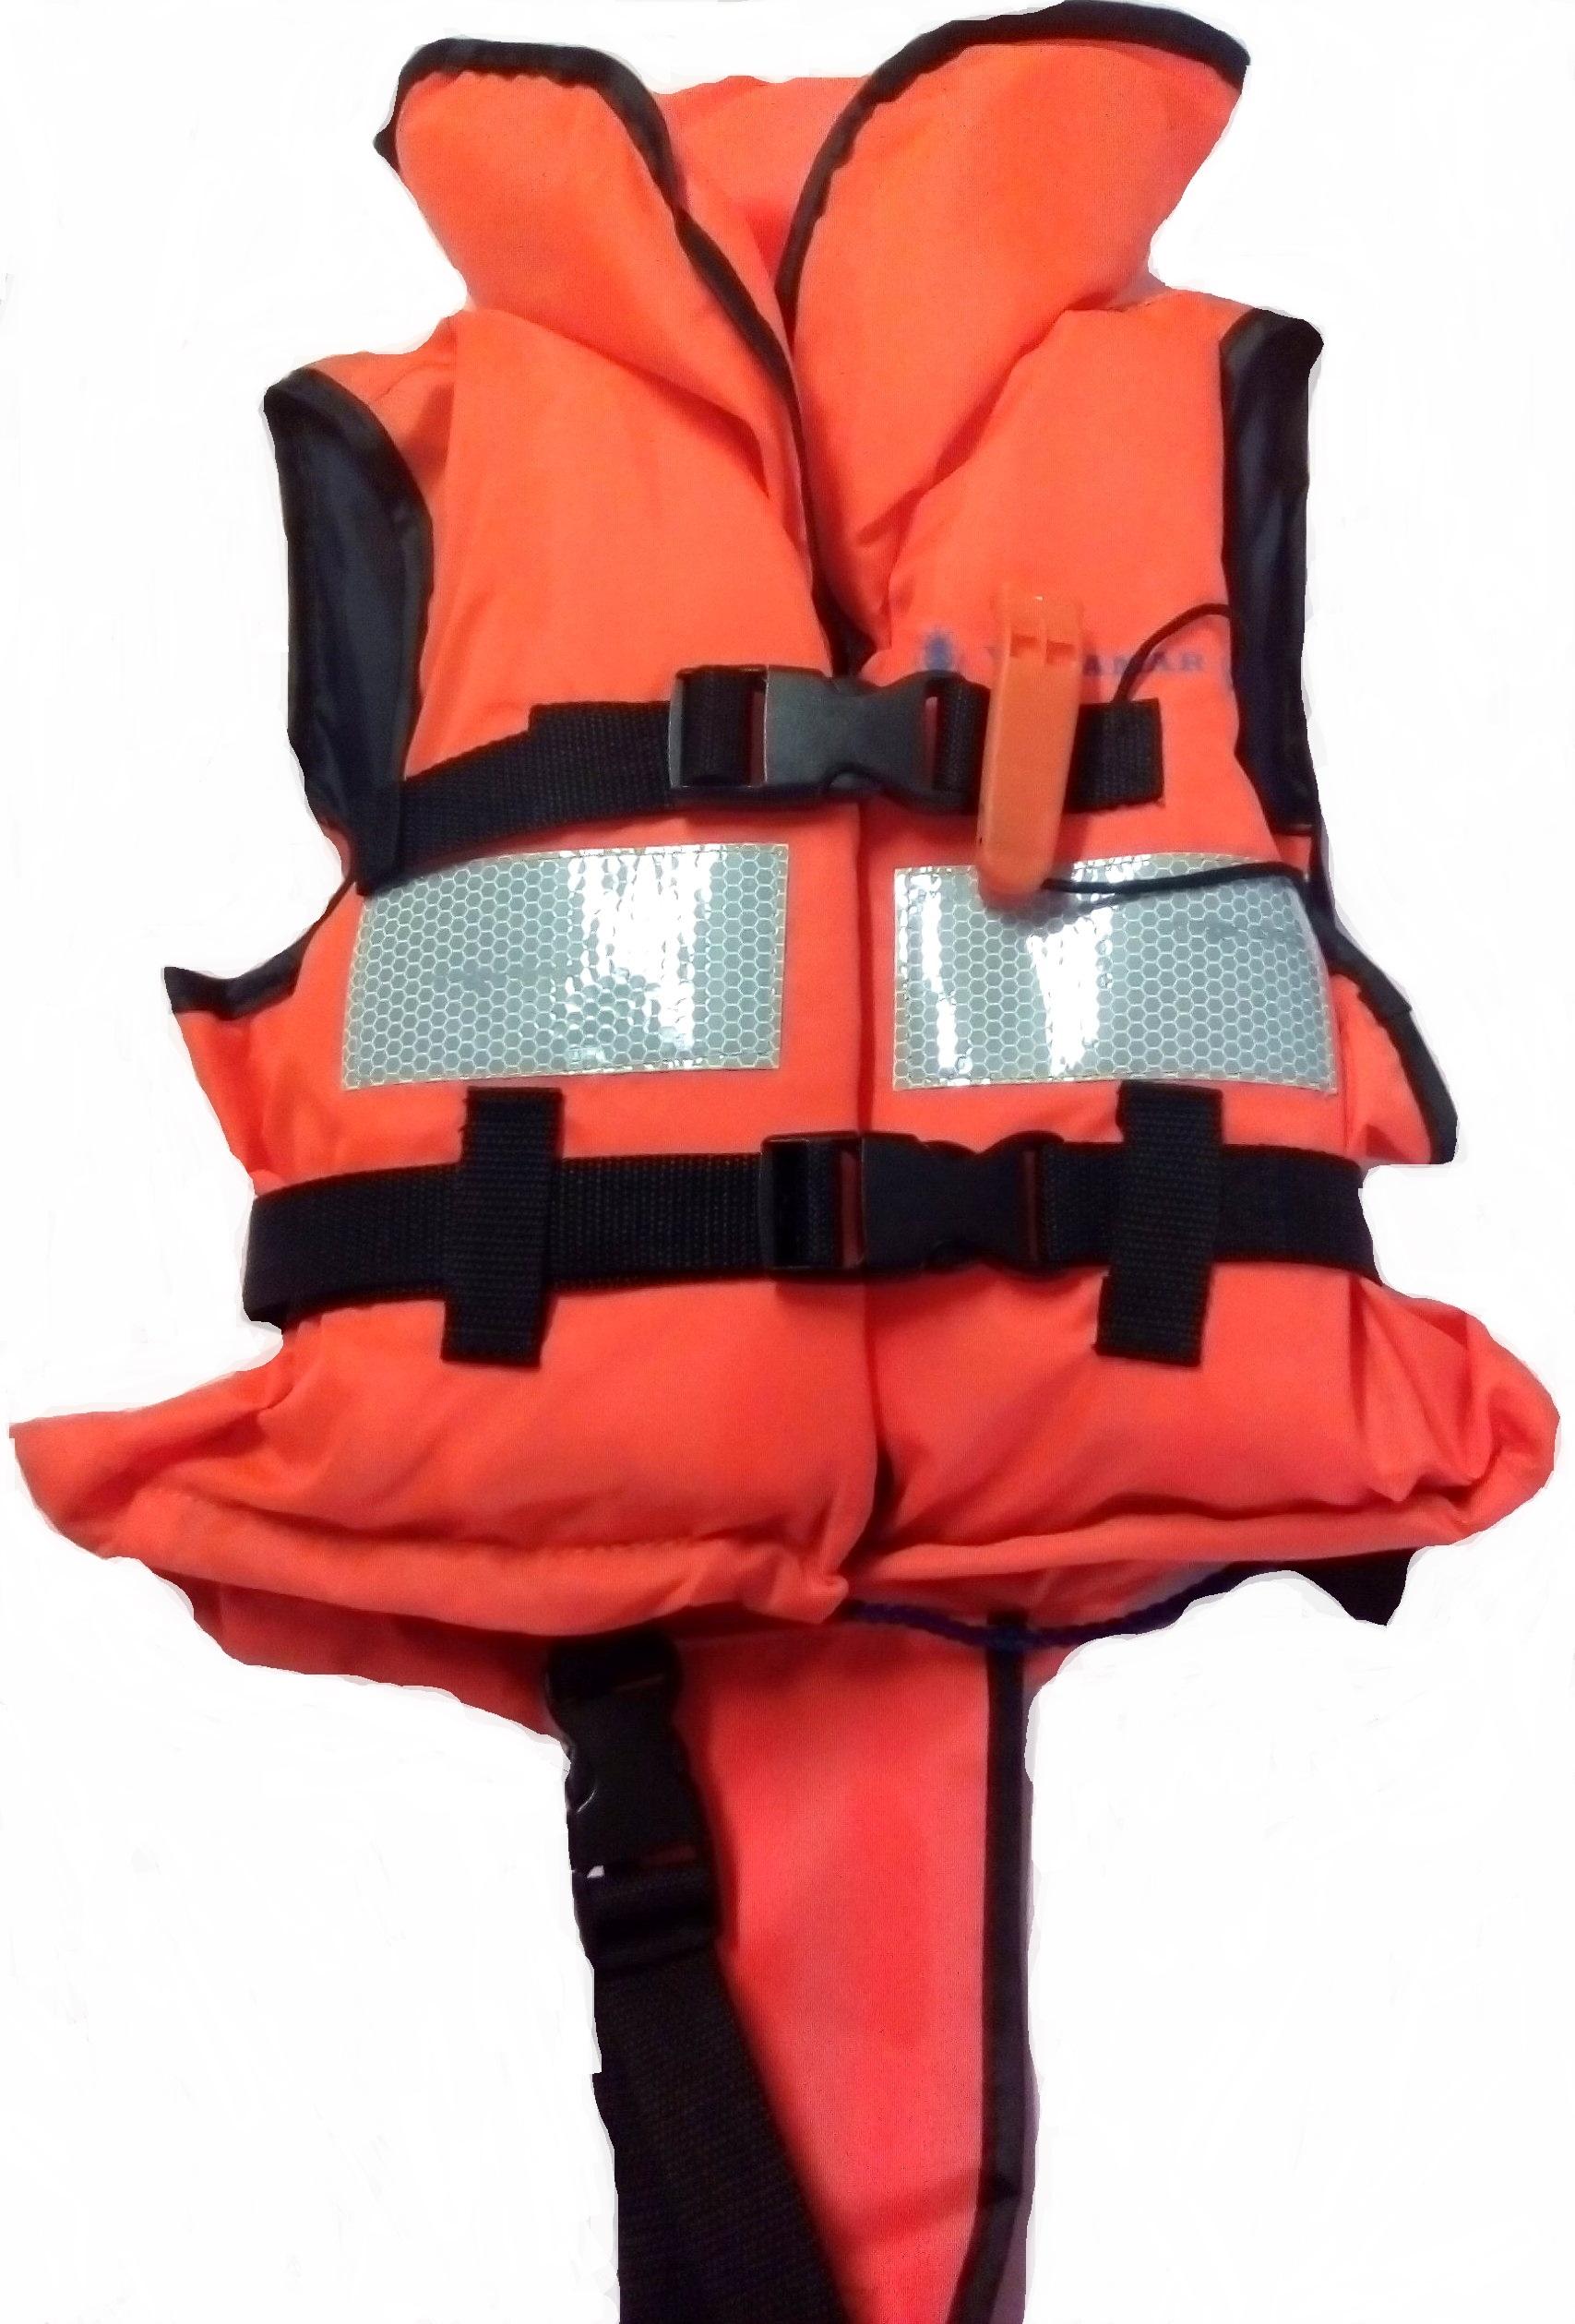 e269fe630c4 Спасителна жилетка KLJ-40, 100N детска, 20-30 кг - Спасителна ...